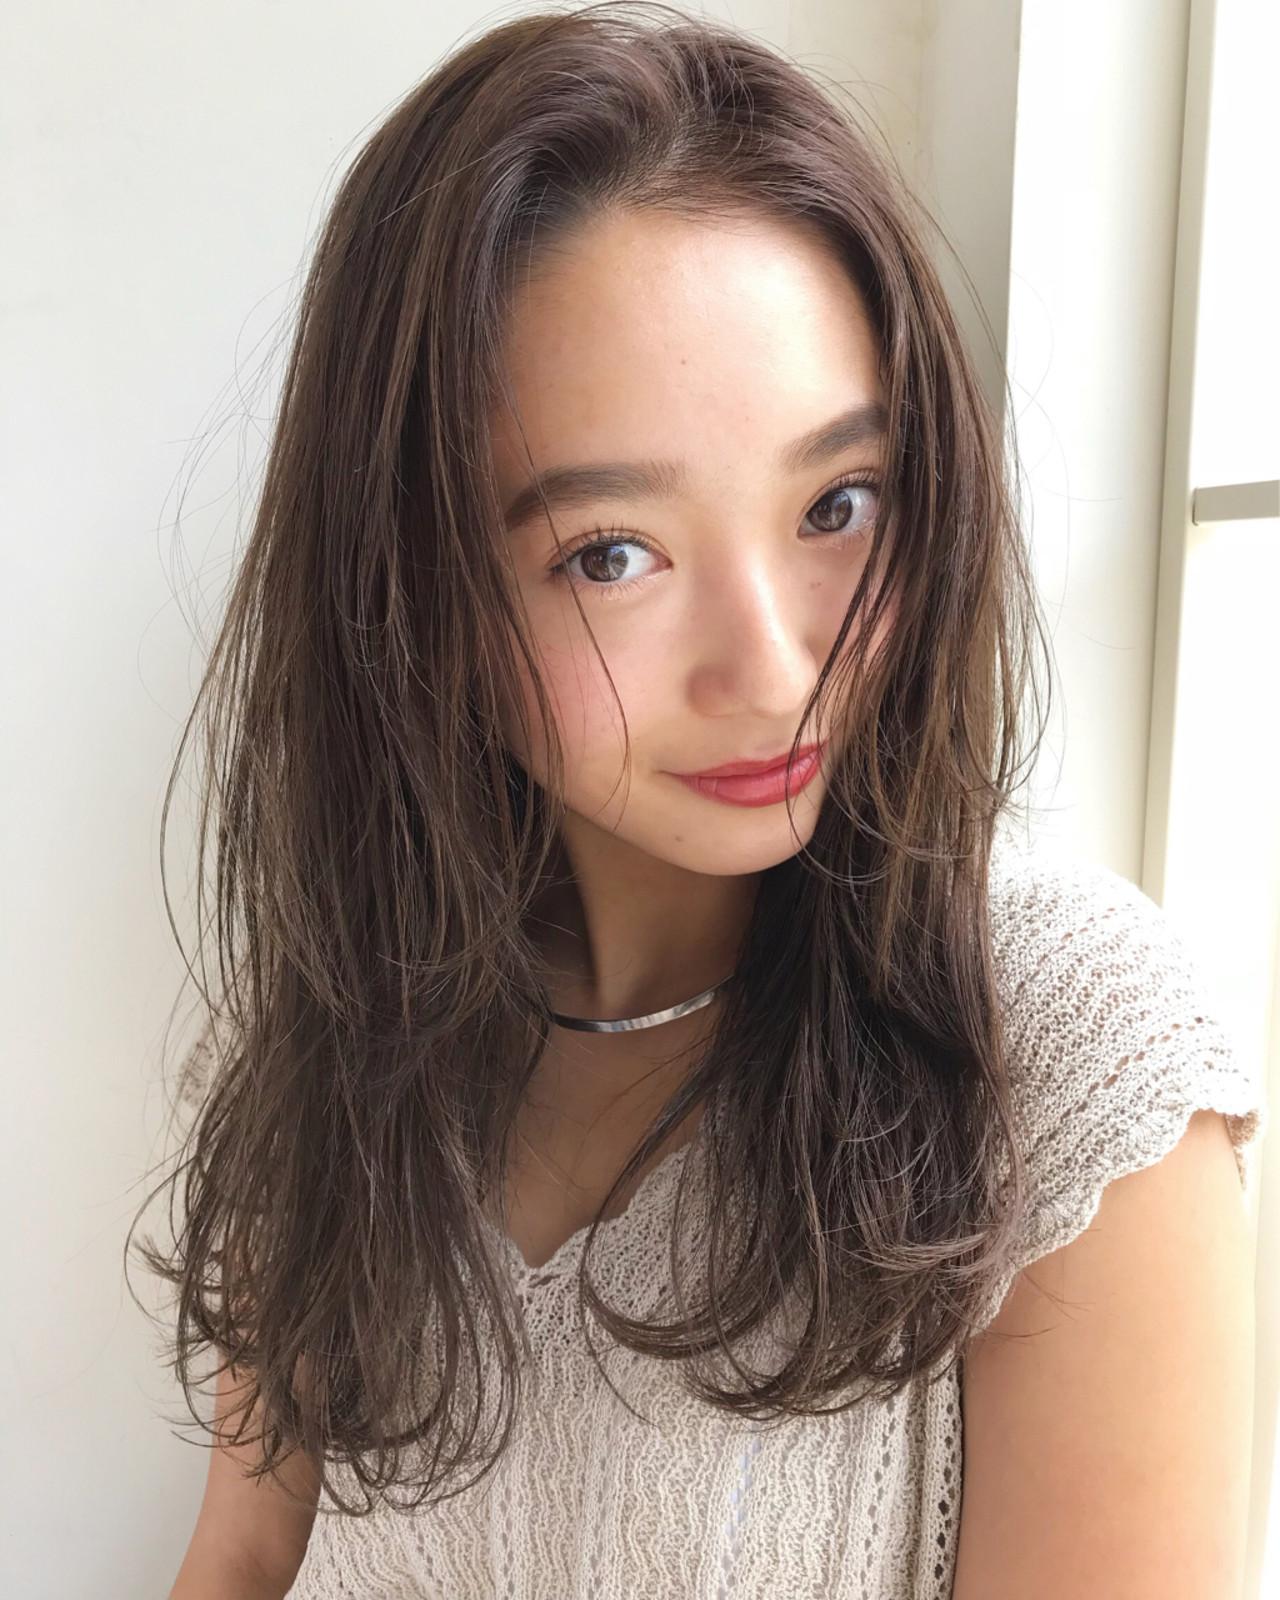 ベージュ 抜け感 ハイライト セミロング ヘアスタイルや髪型の写真・画像 | 伊藤愛子 GARDEN / GARDEN  omotesando